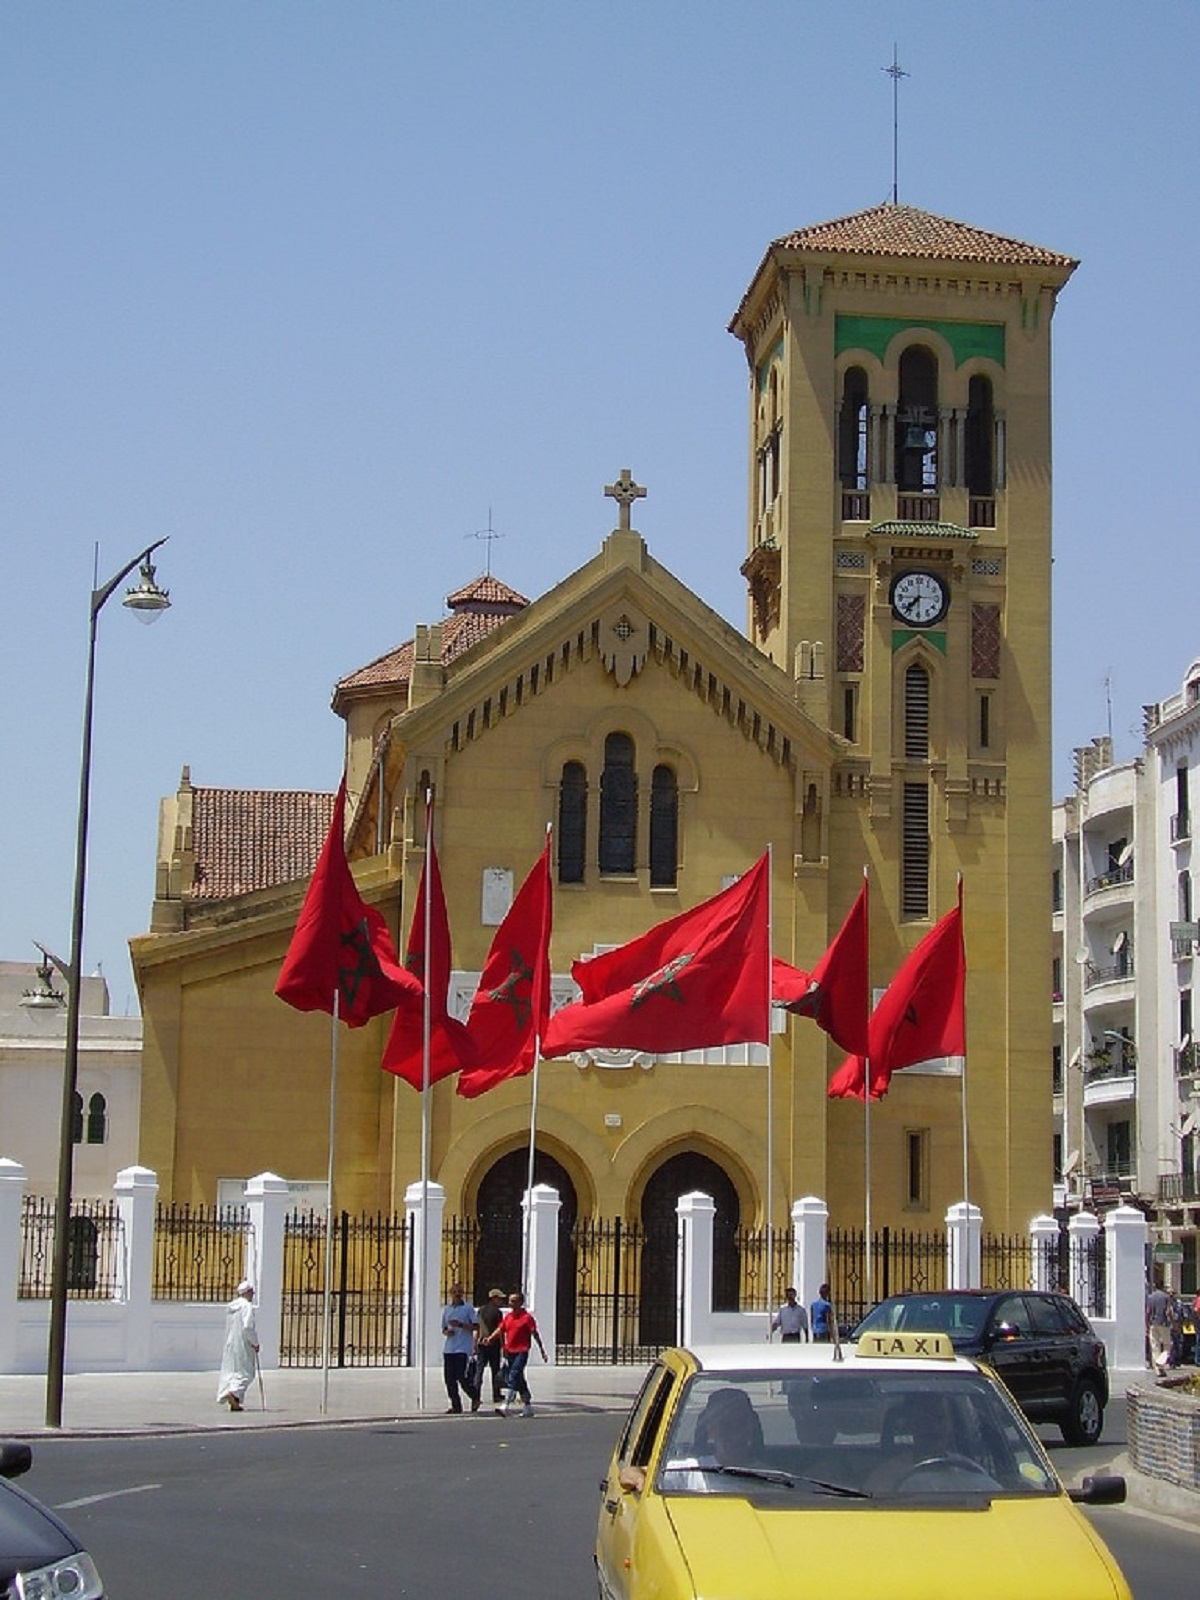 متى يعترف المغرب بمسيحييه؟